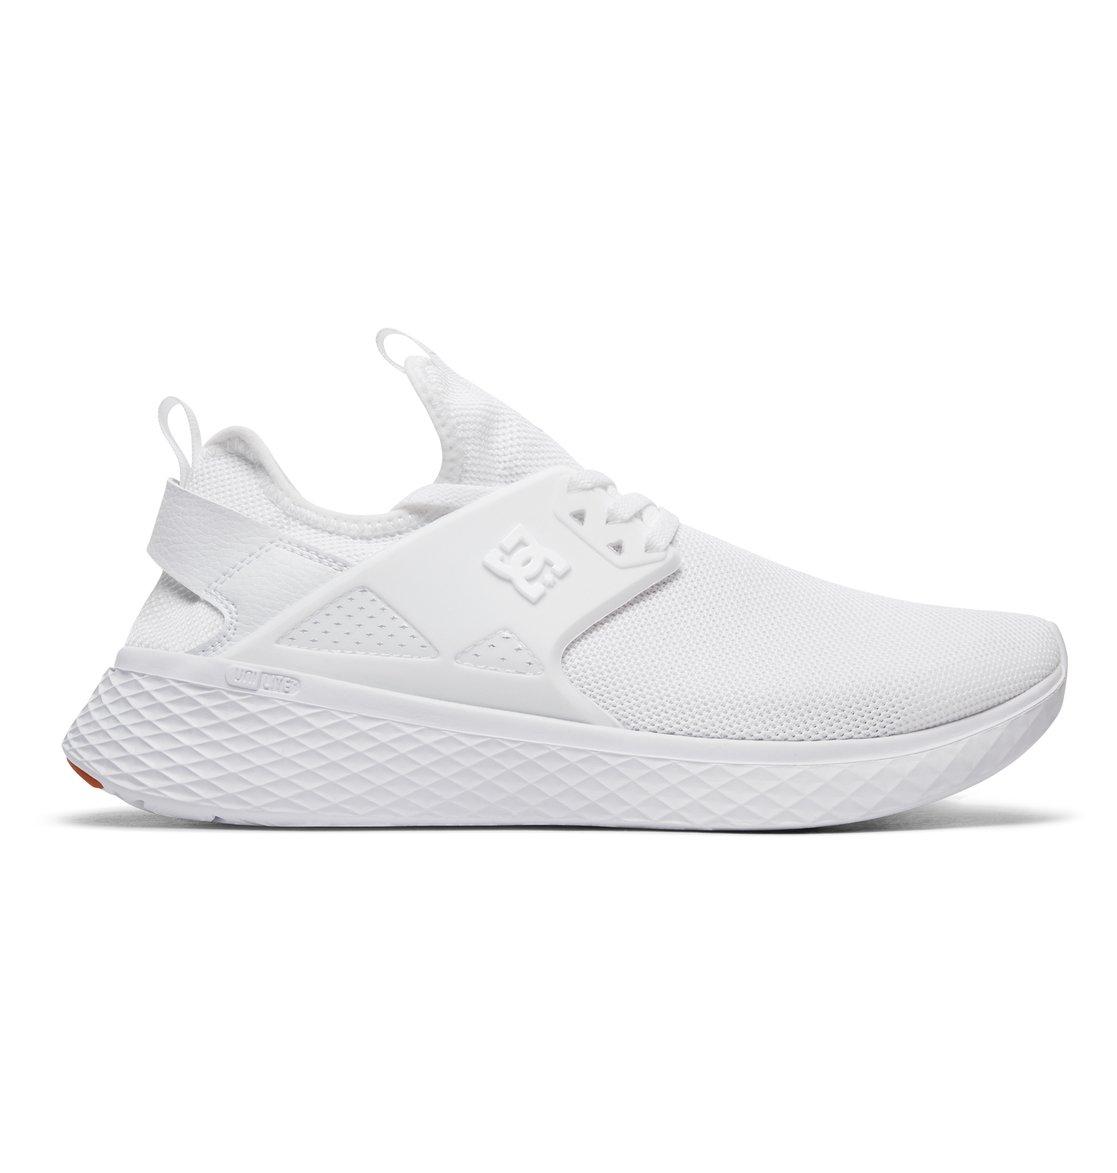 Meridian - Baskets - Gris - DC Shoes